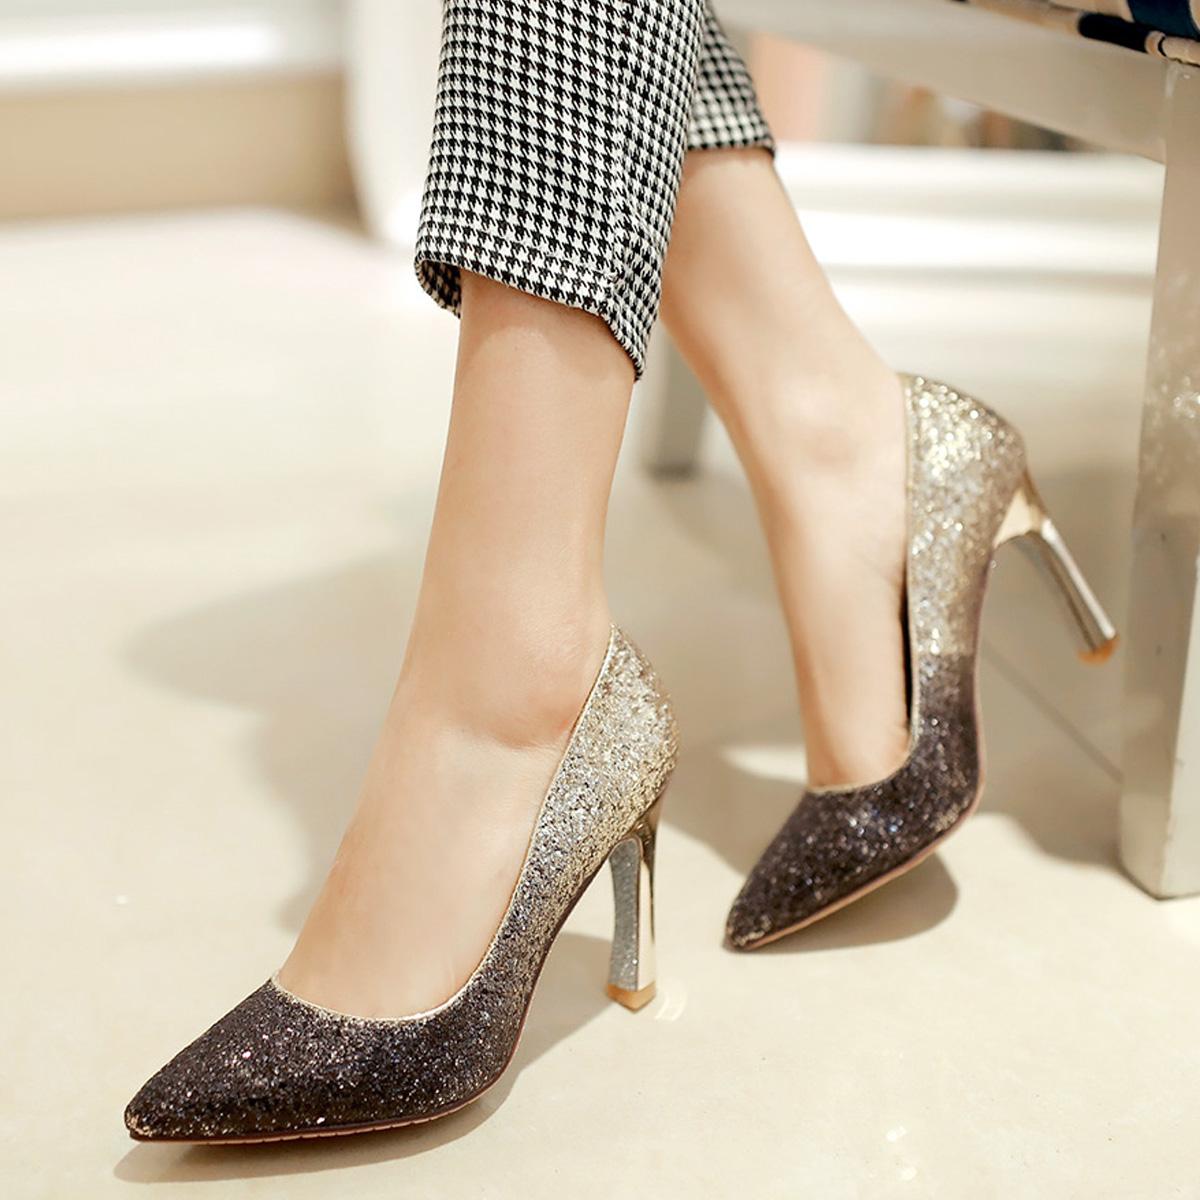 韩国公主粗跟超高跟鞋宴会鞋尖头浅口单鞋水晶婚鞋新娘鞋女鞋新款